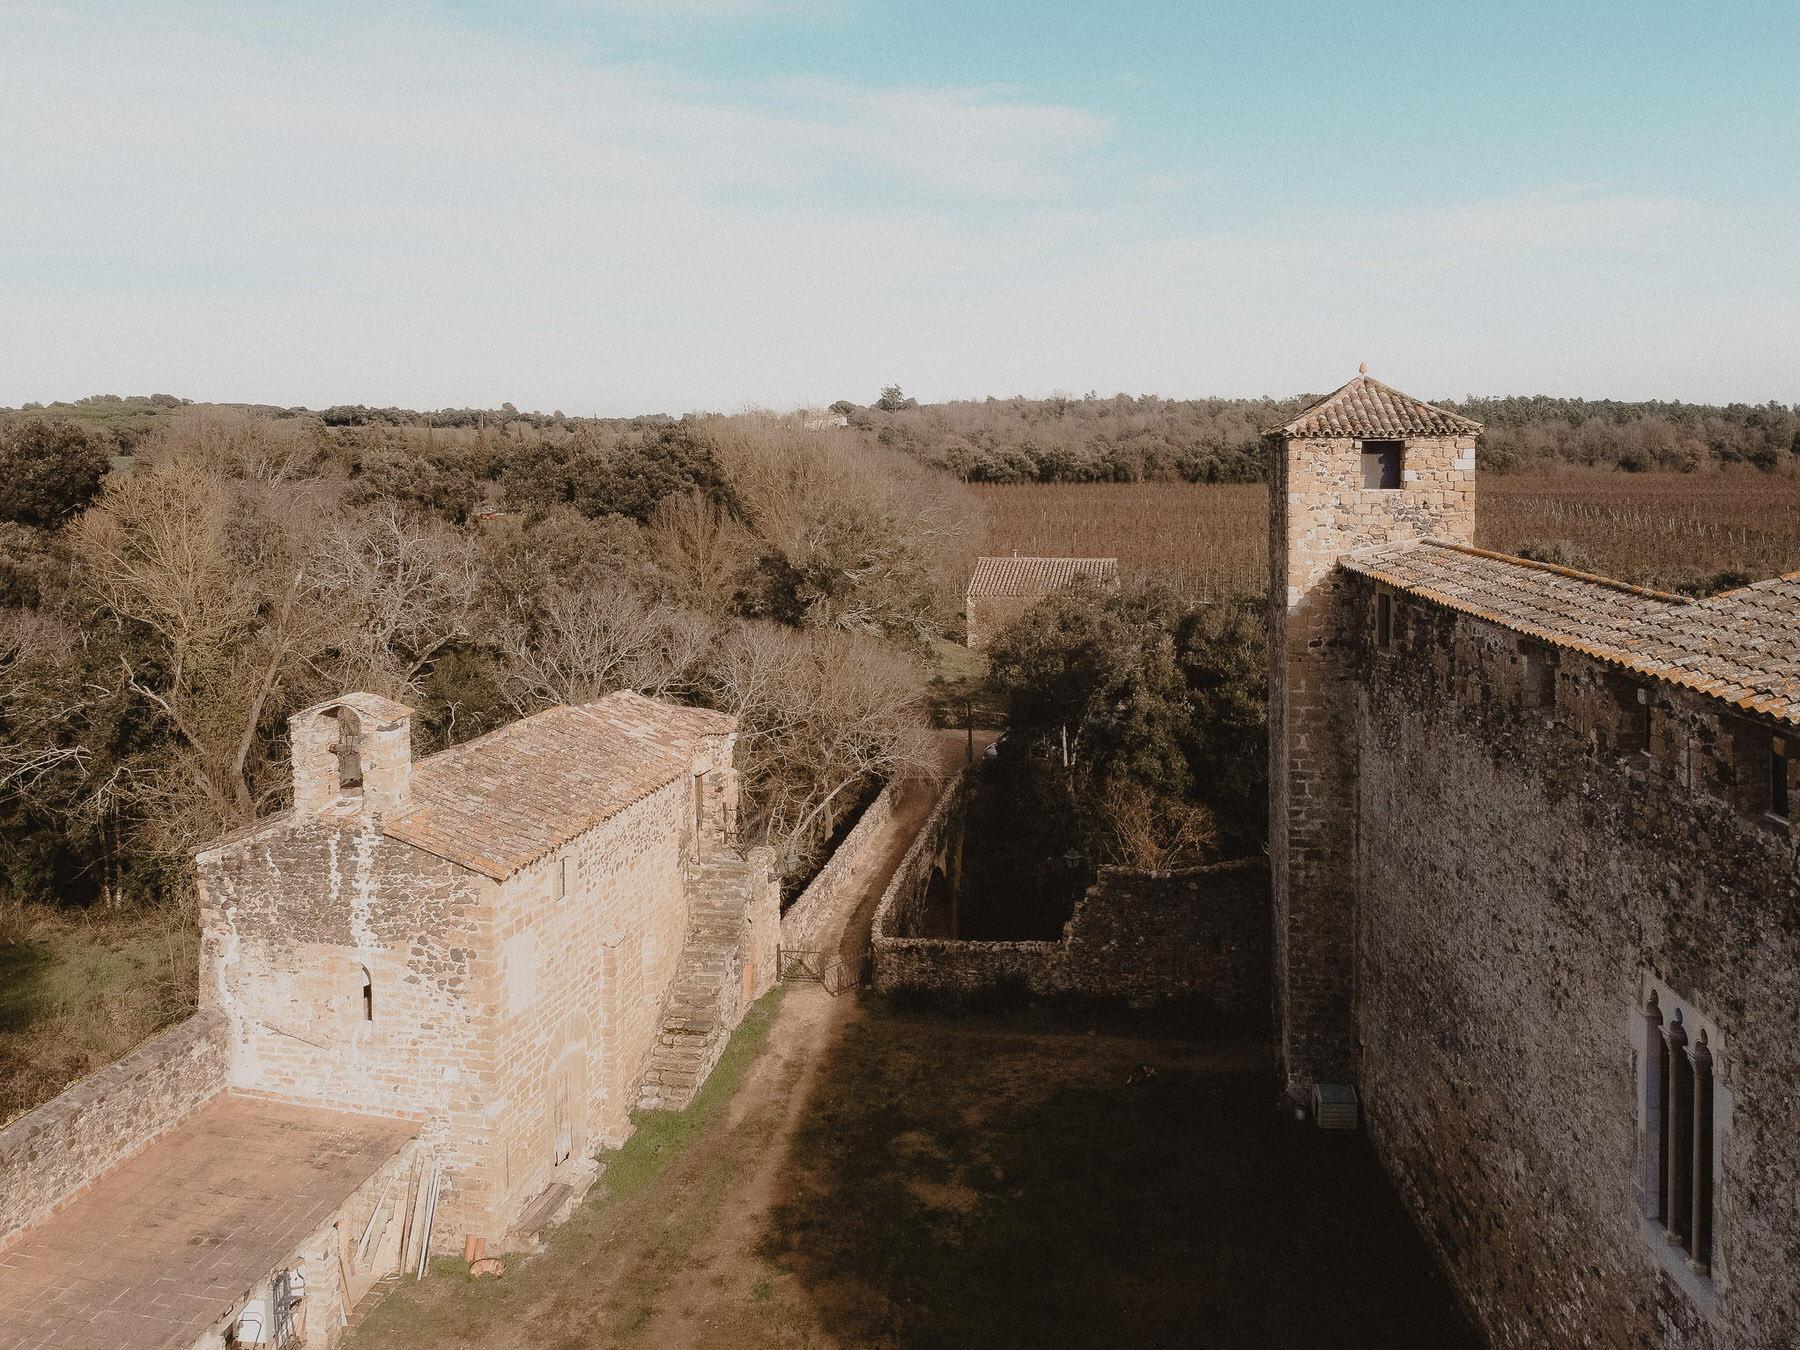 Lugares de discretos para casarse, donde celebrar mi boda, sitios de prestigio. castillos de bodas, Beto Perez